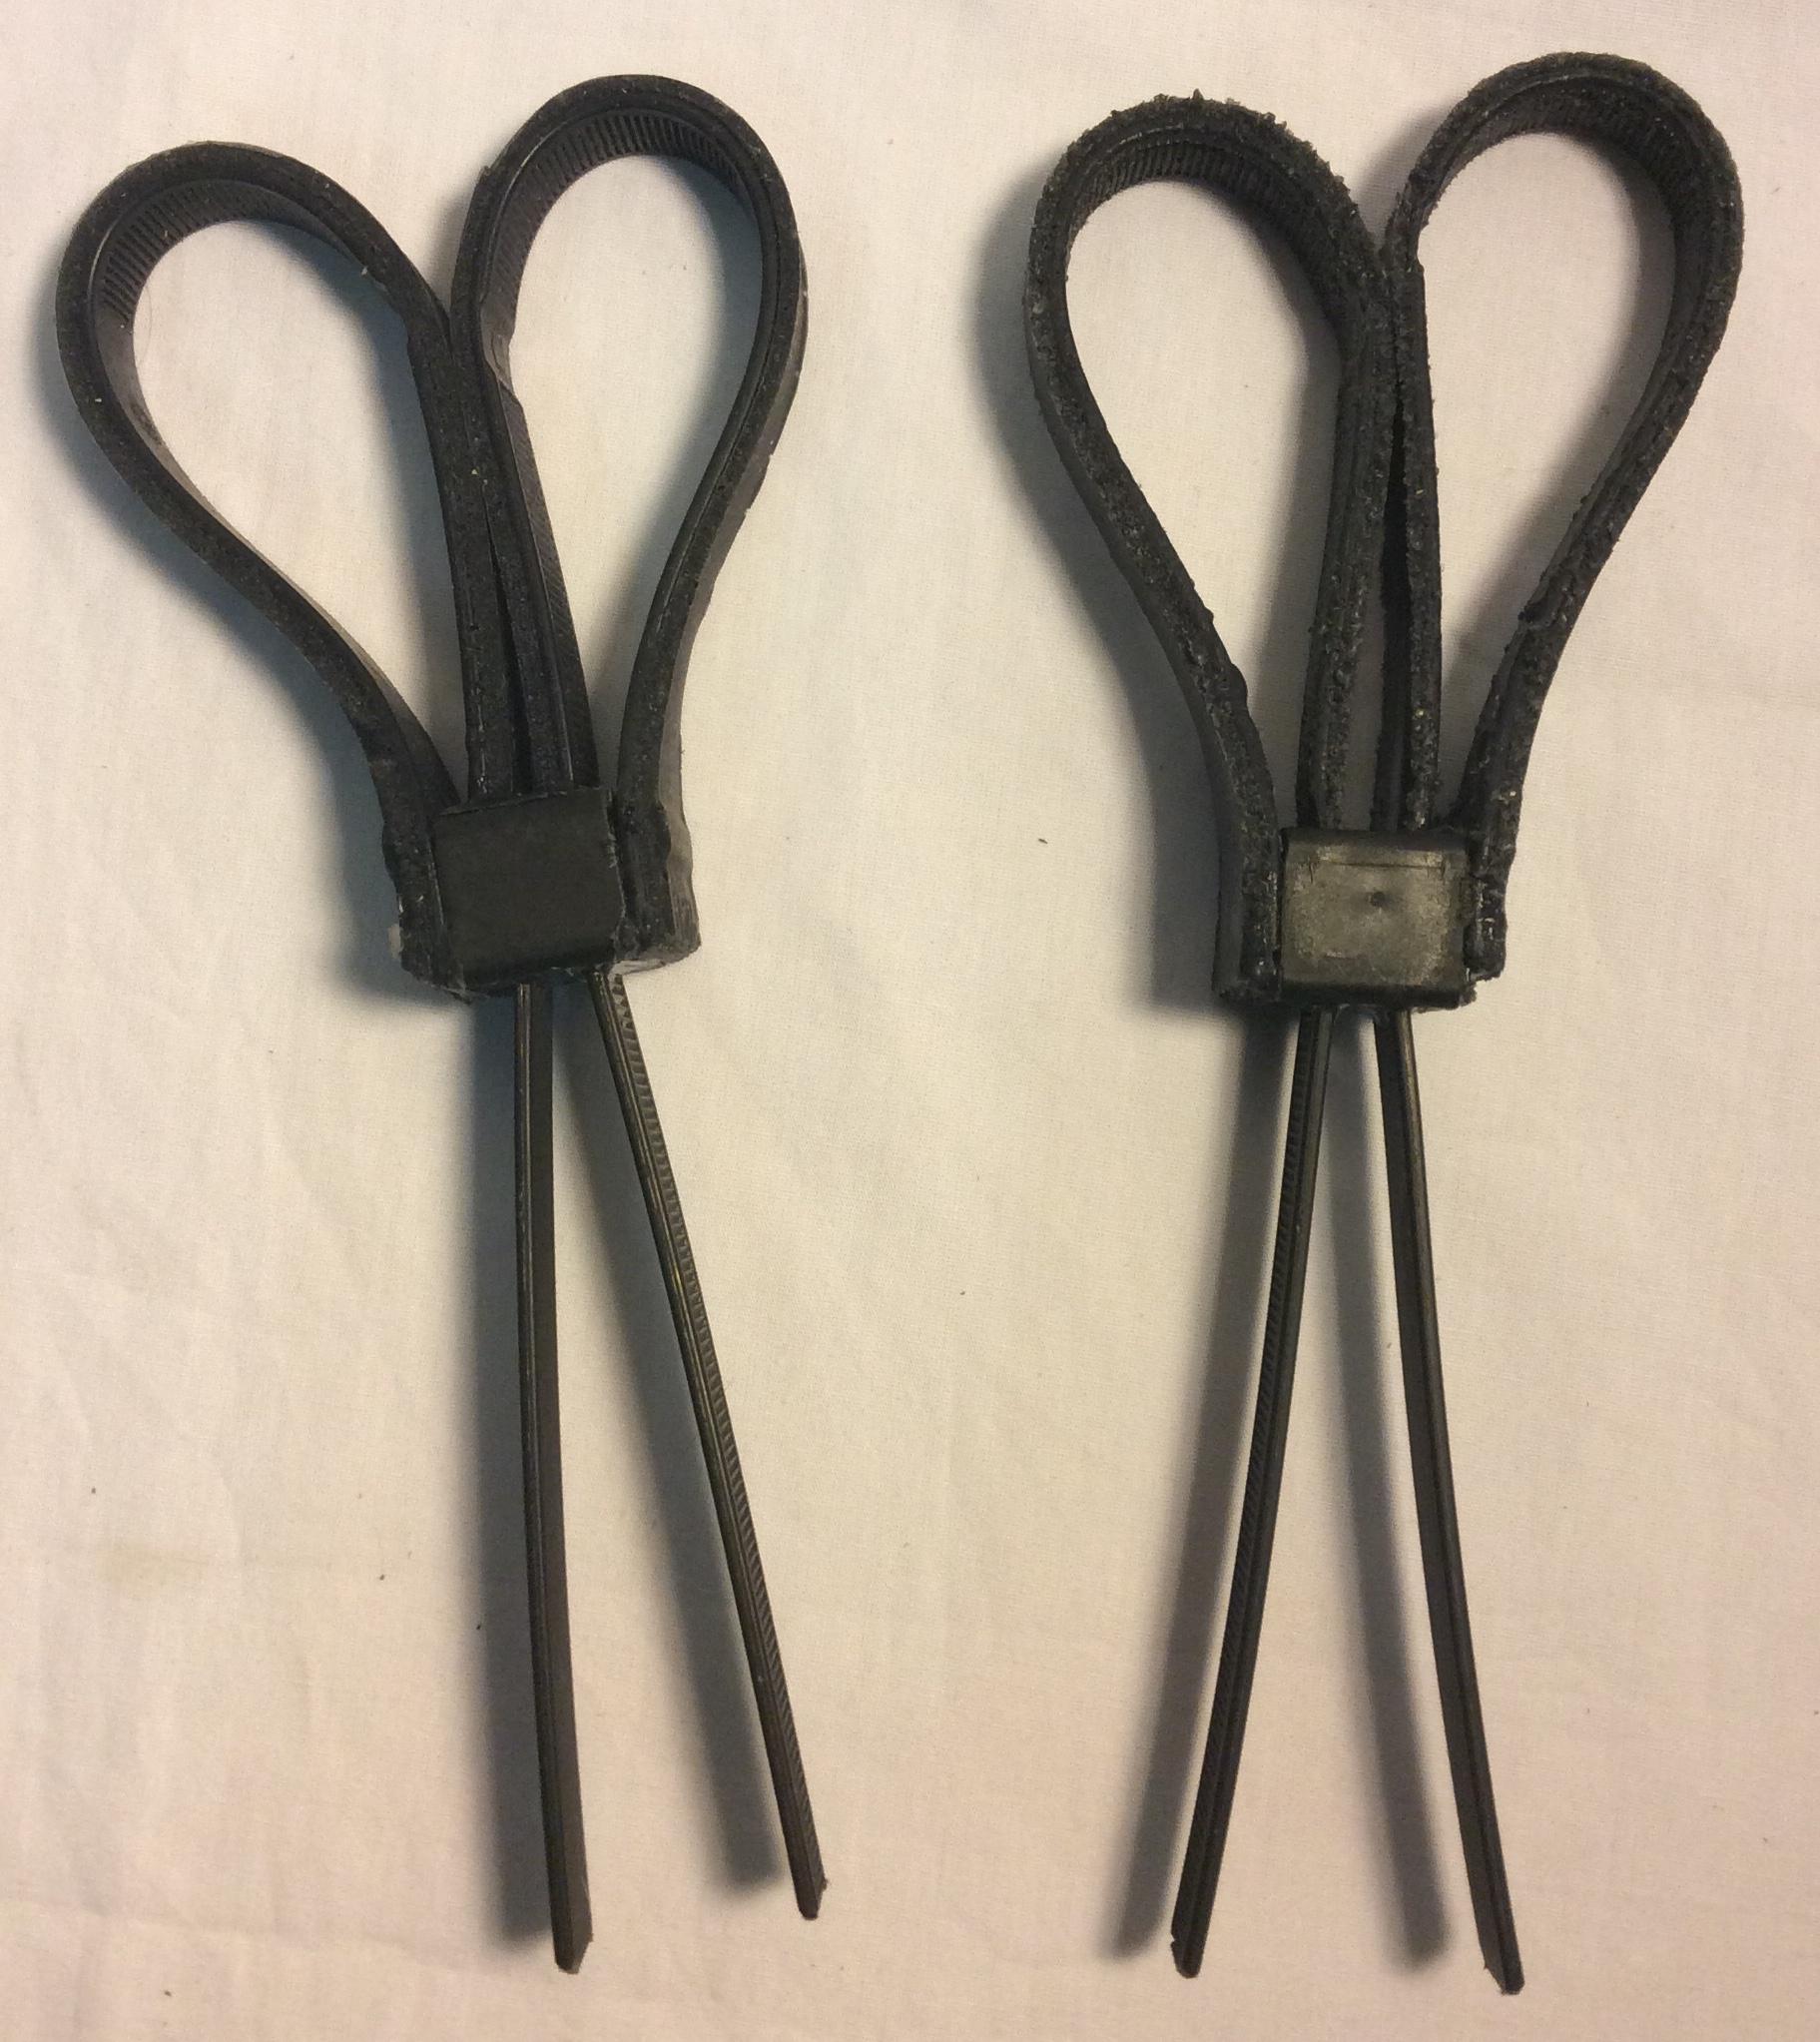 Fake Zip Tie Handcuffs